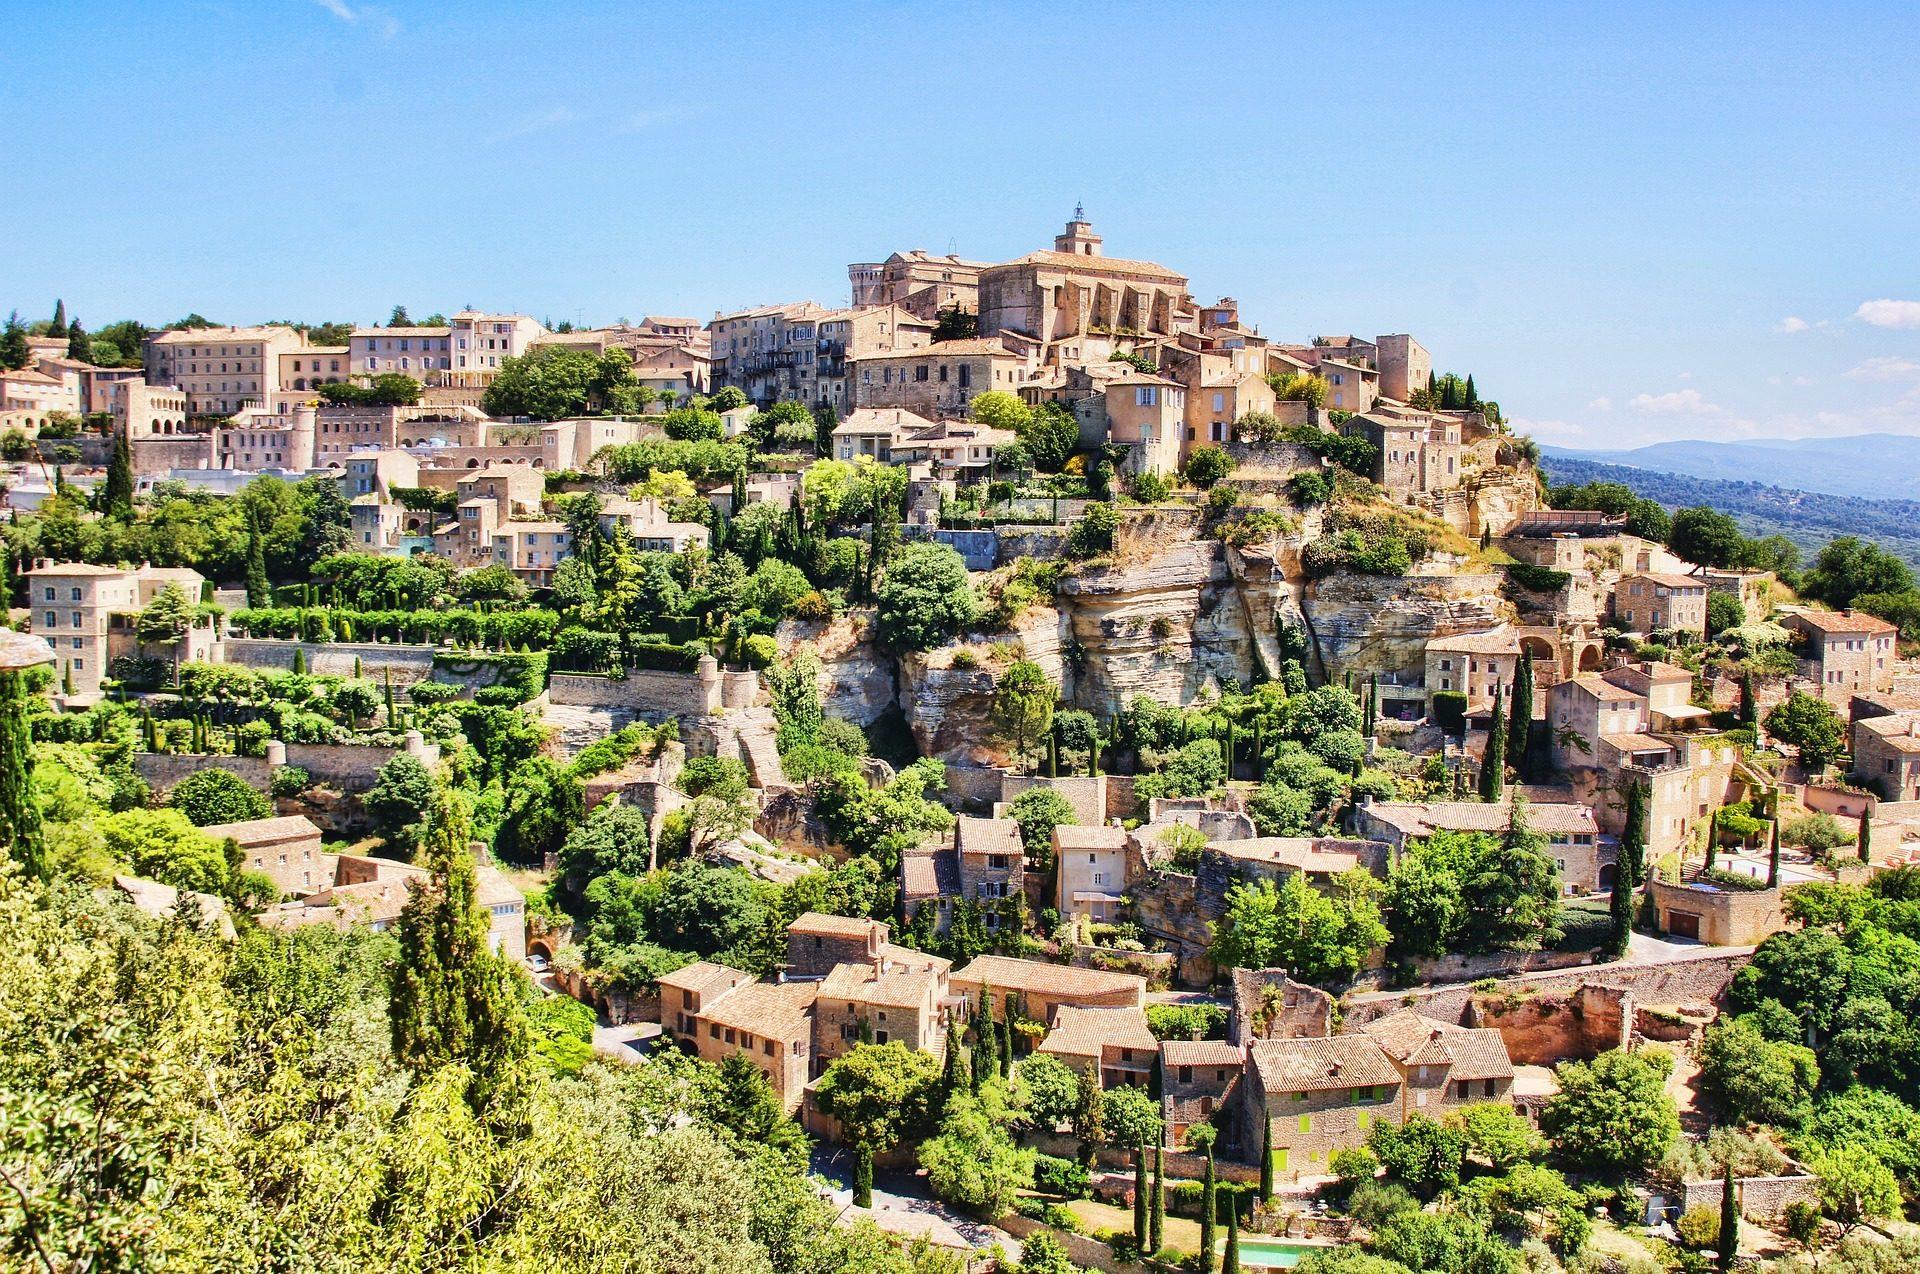 قرية, الجبل, هيل, المنازل, بروفنس, فيلا, فرنسا - خلفيات عالية الدقة - أستاذ falken.com